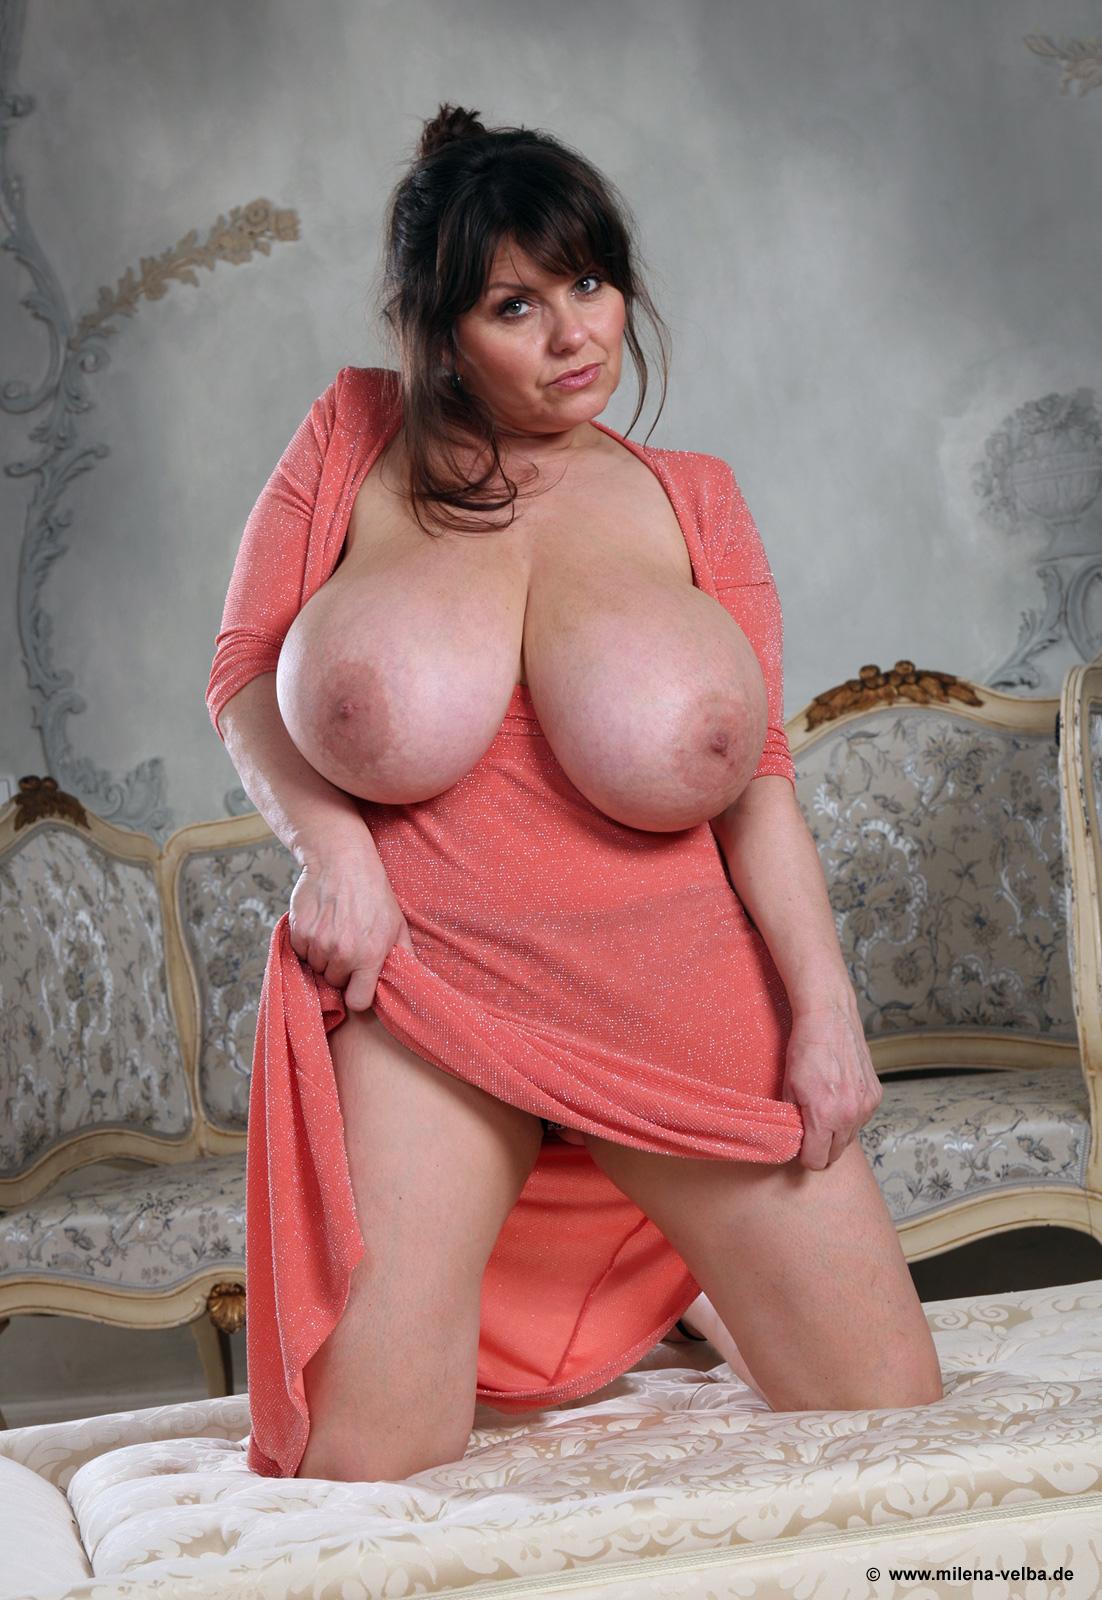 Will know, Milena velba nude brilliant idea